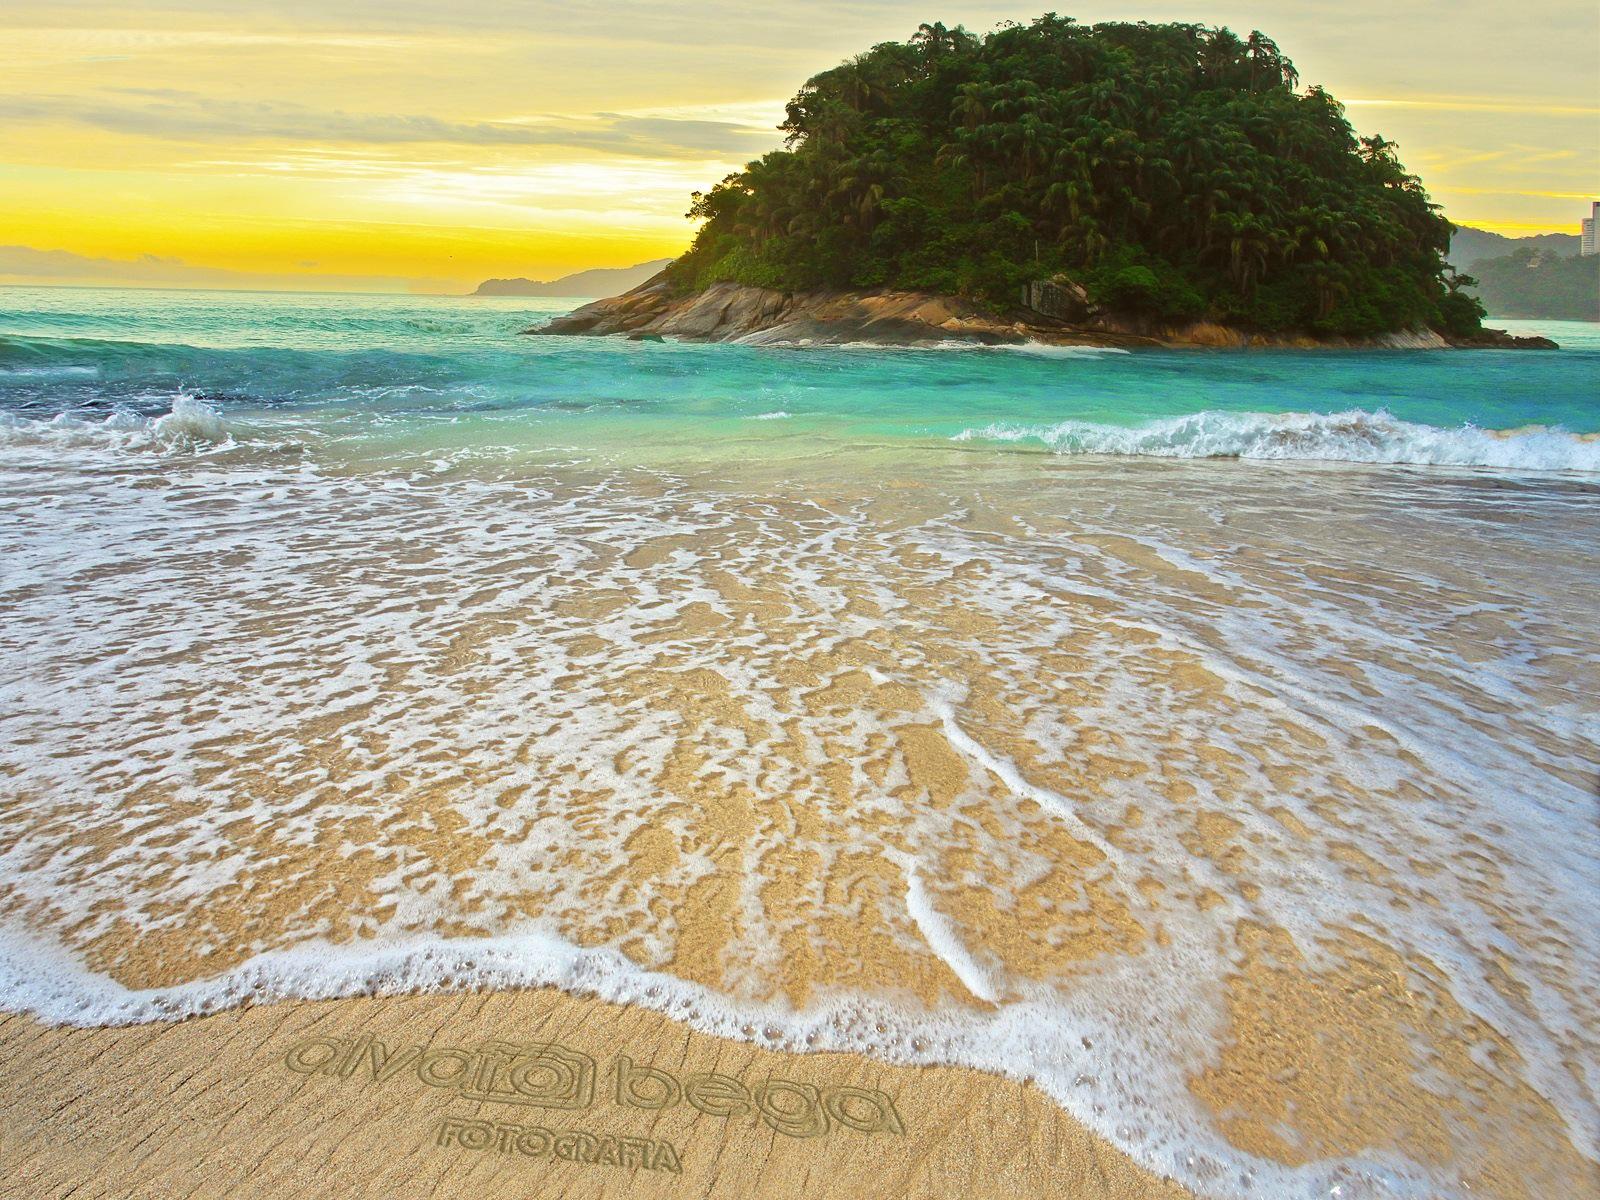 island in the sun by alvarobega3